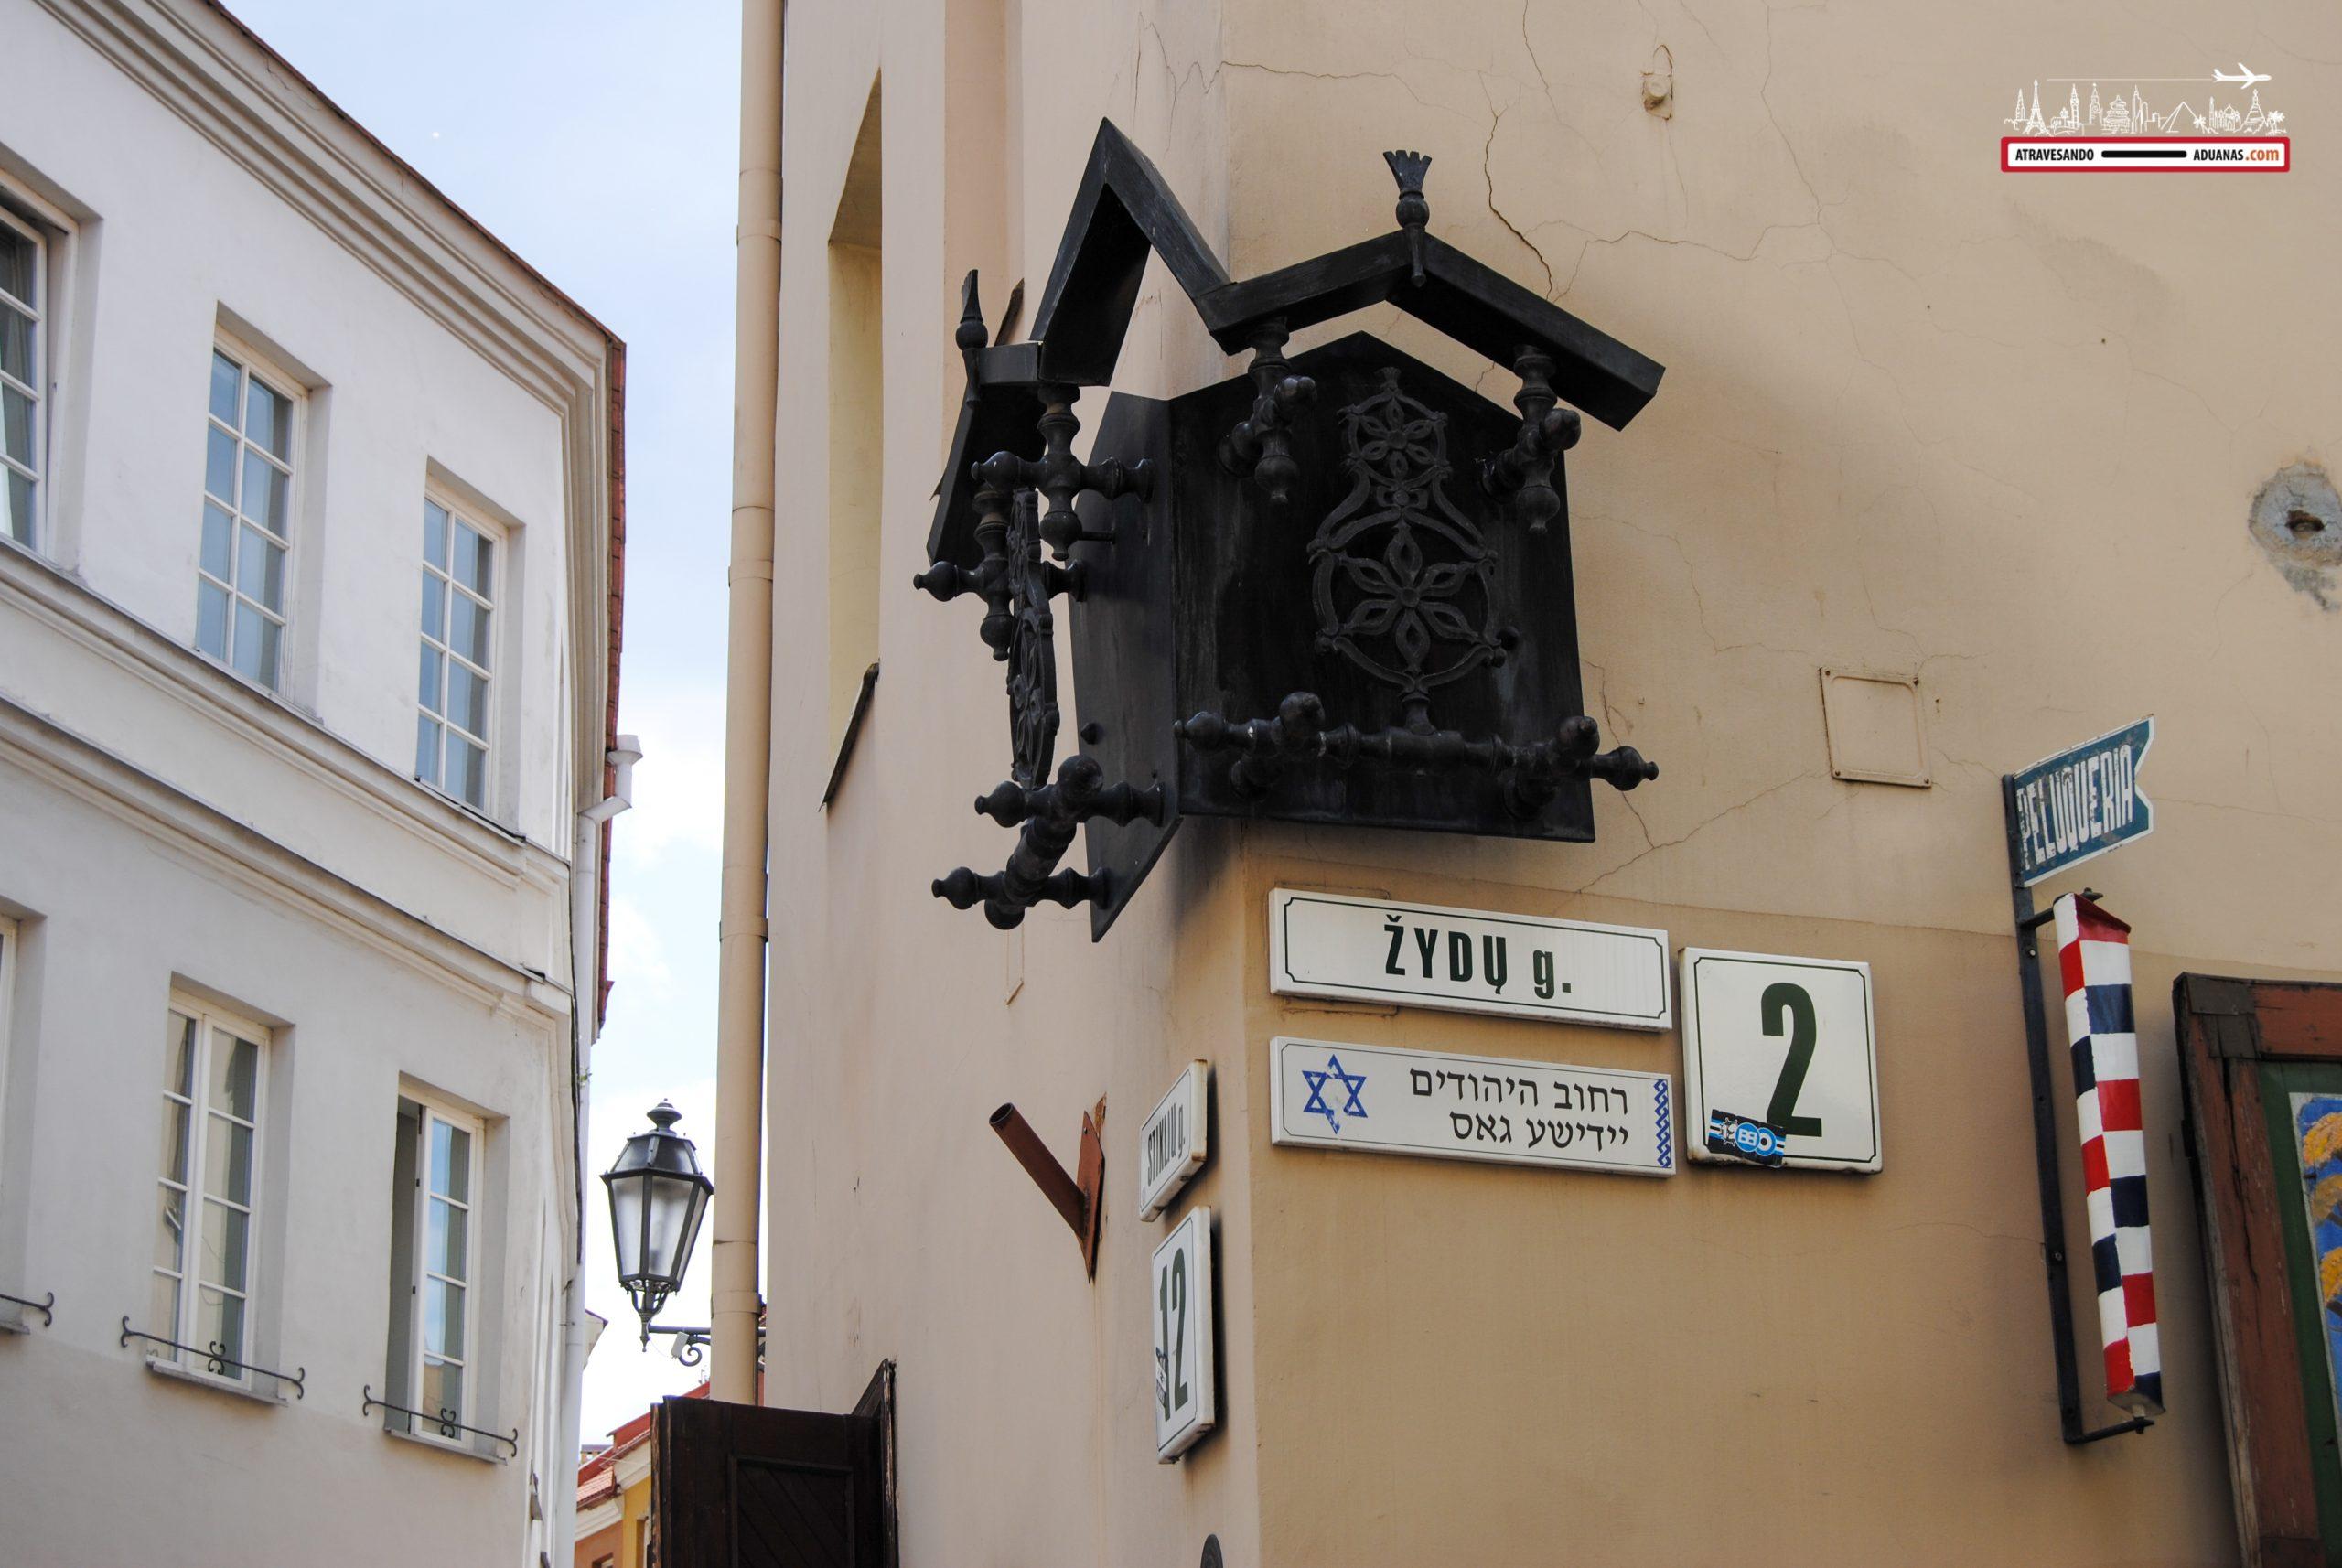 Calle escrita en hebreo, Vilnius